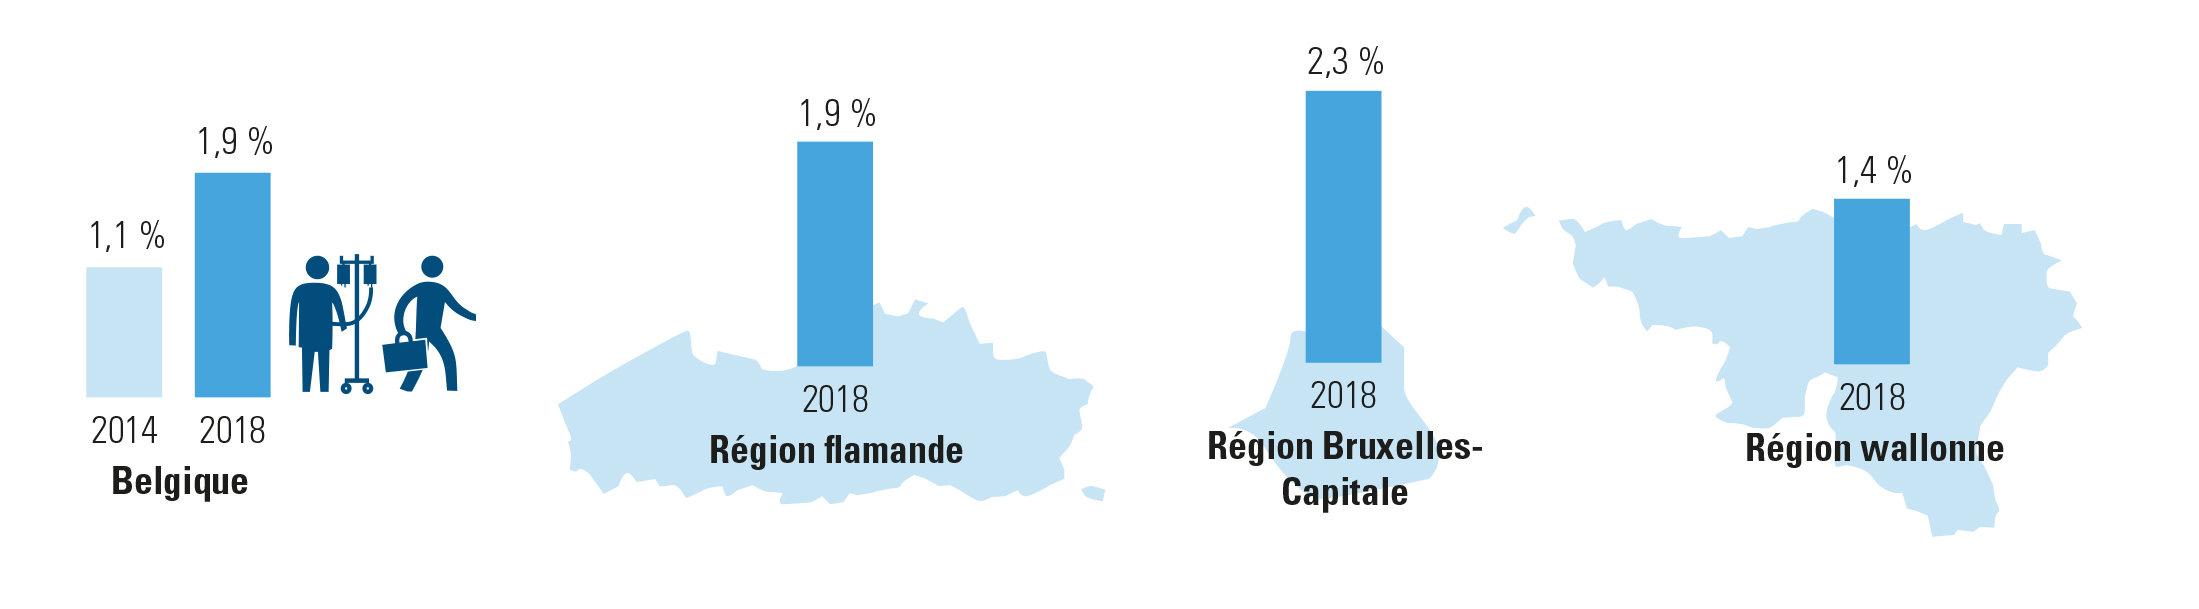 Pourcentage de malades ayant repris progressivement le travail (2014 et 2018)